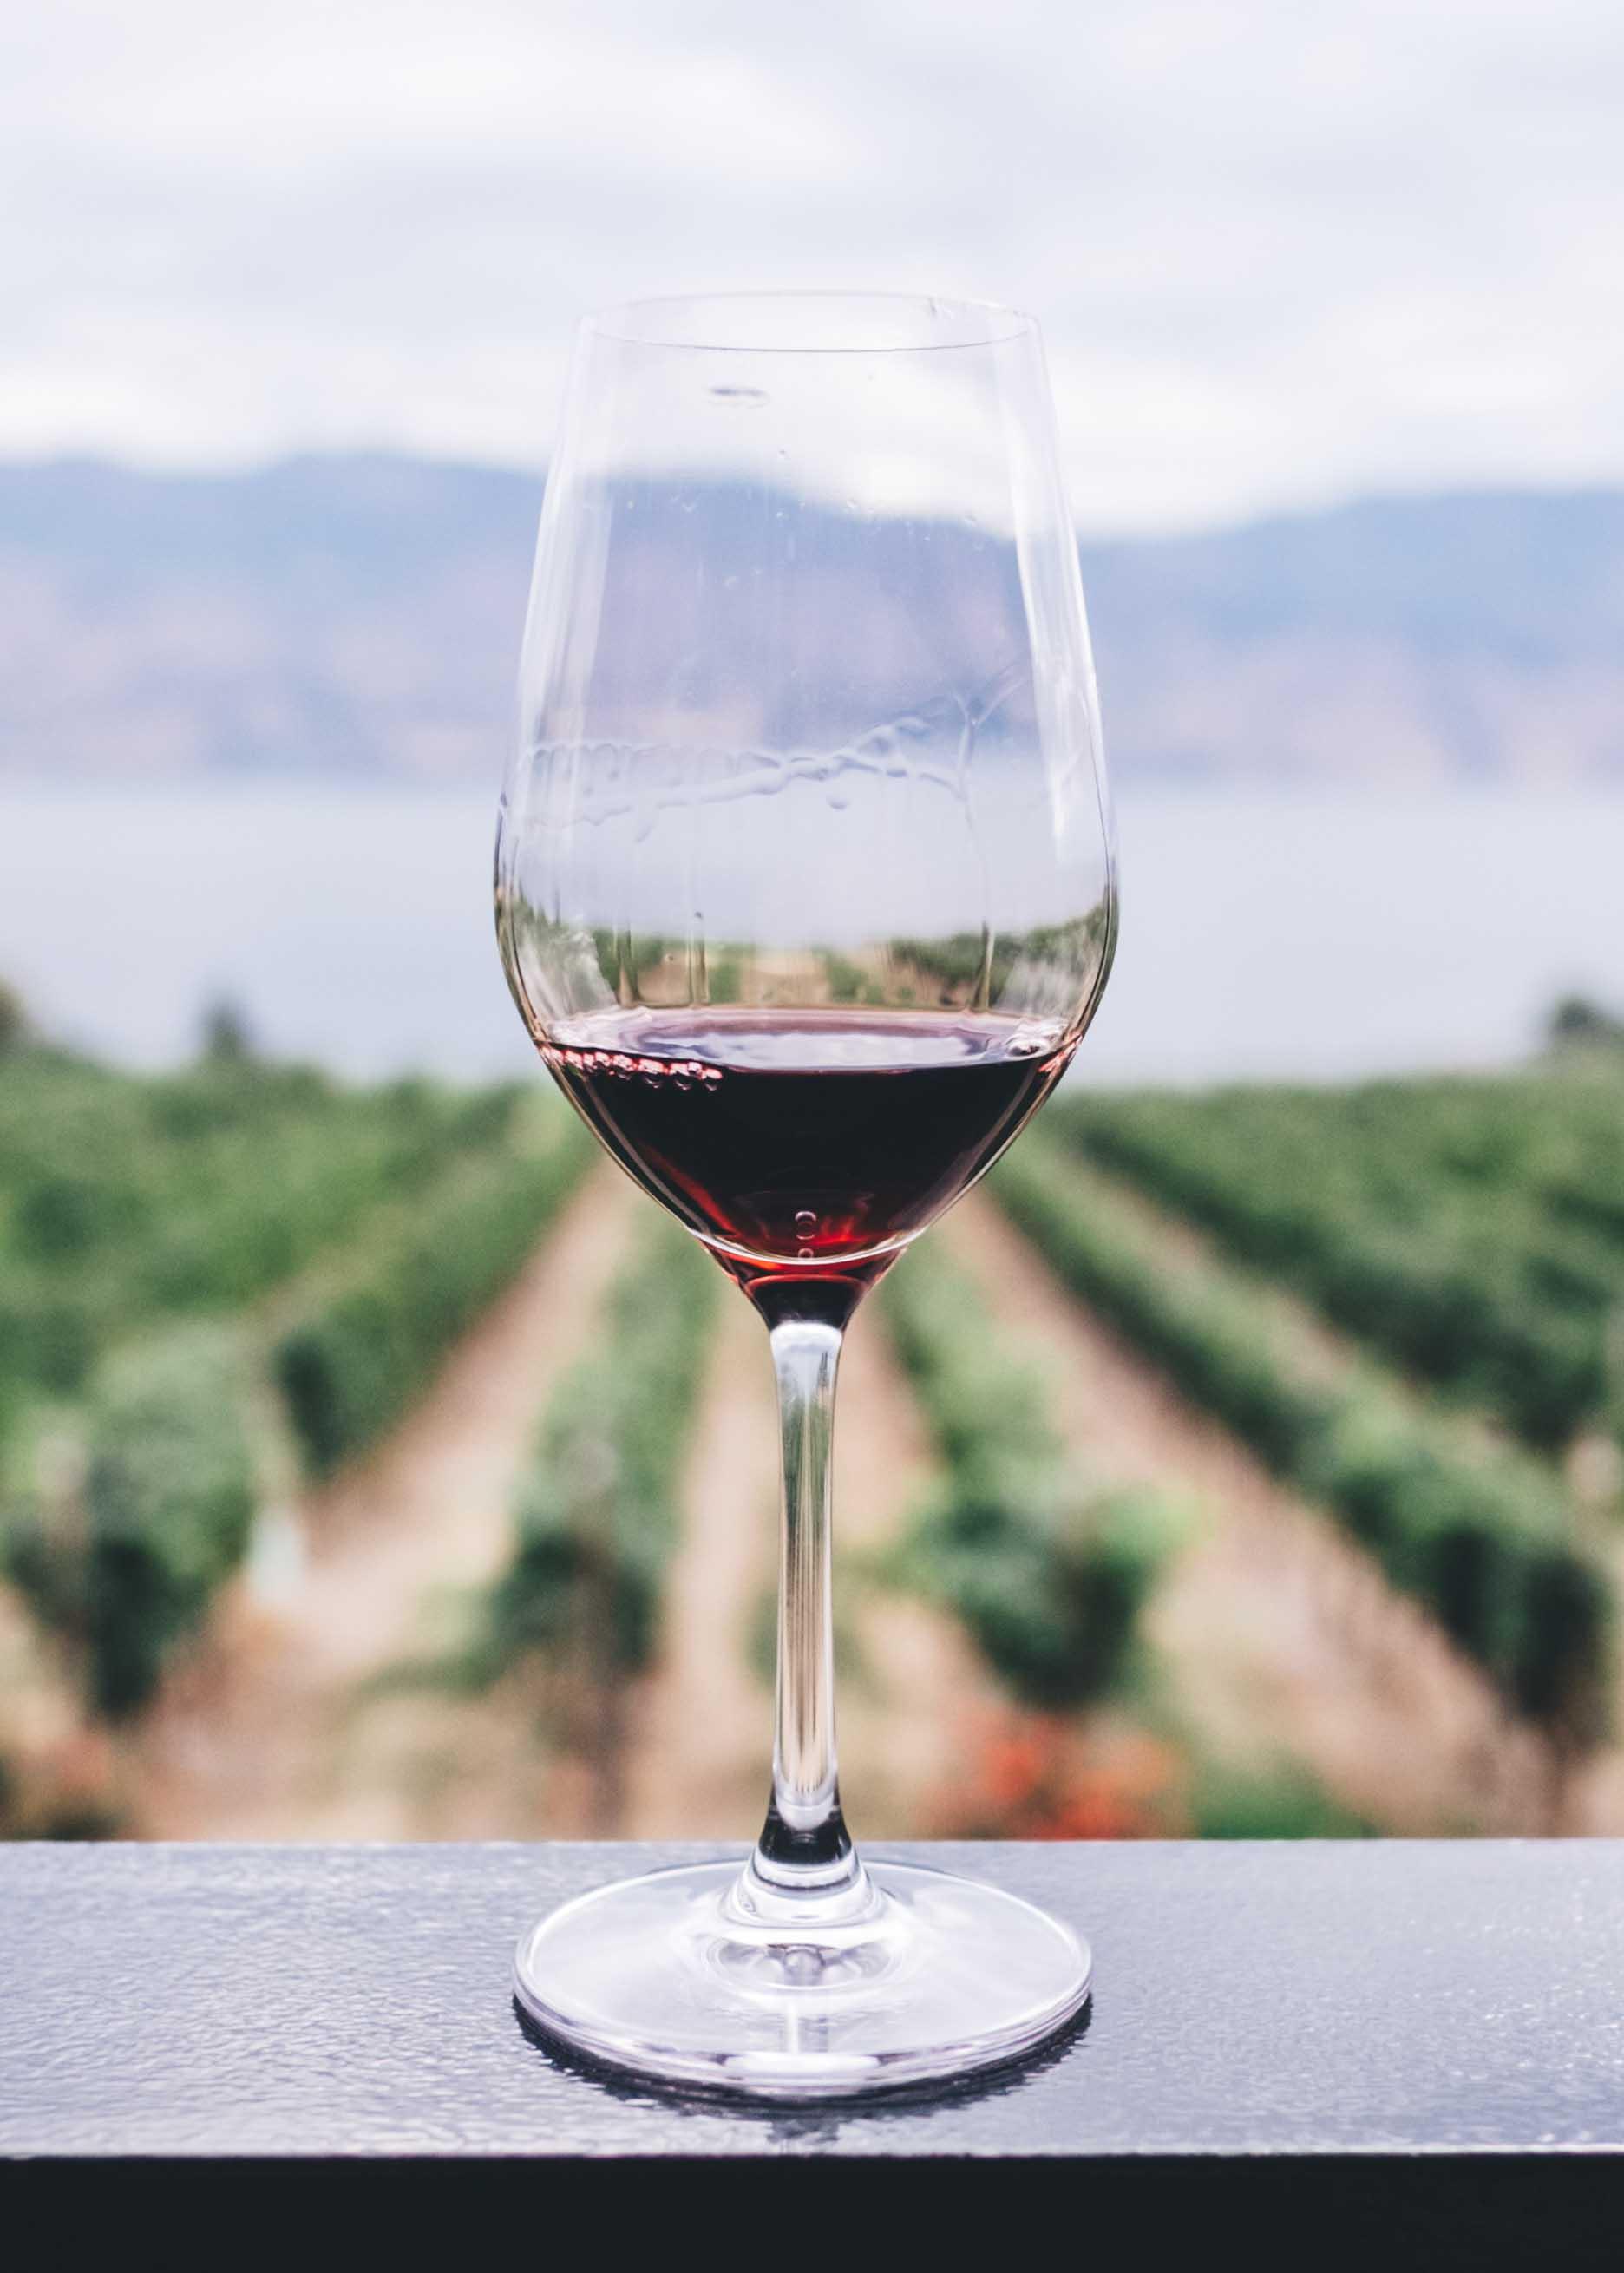 12 Degrees Achat de vin - Qui sommes nous ?